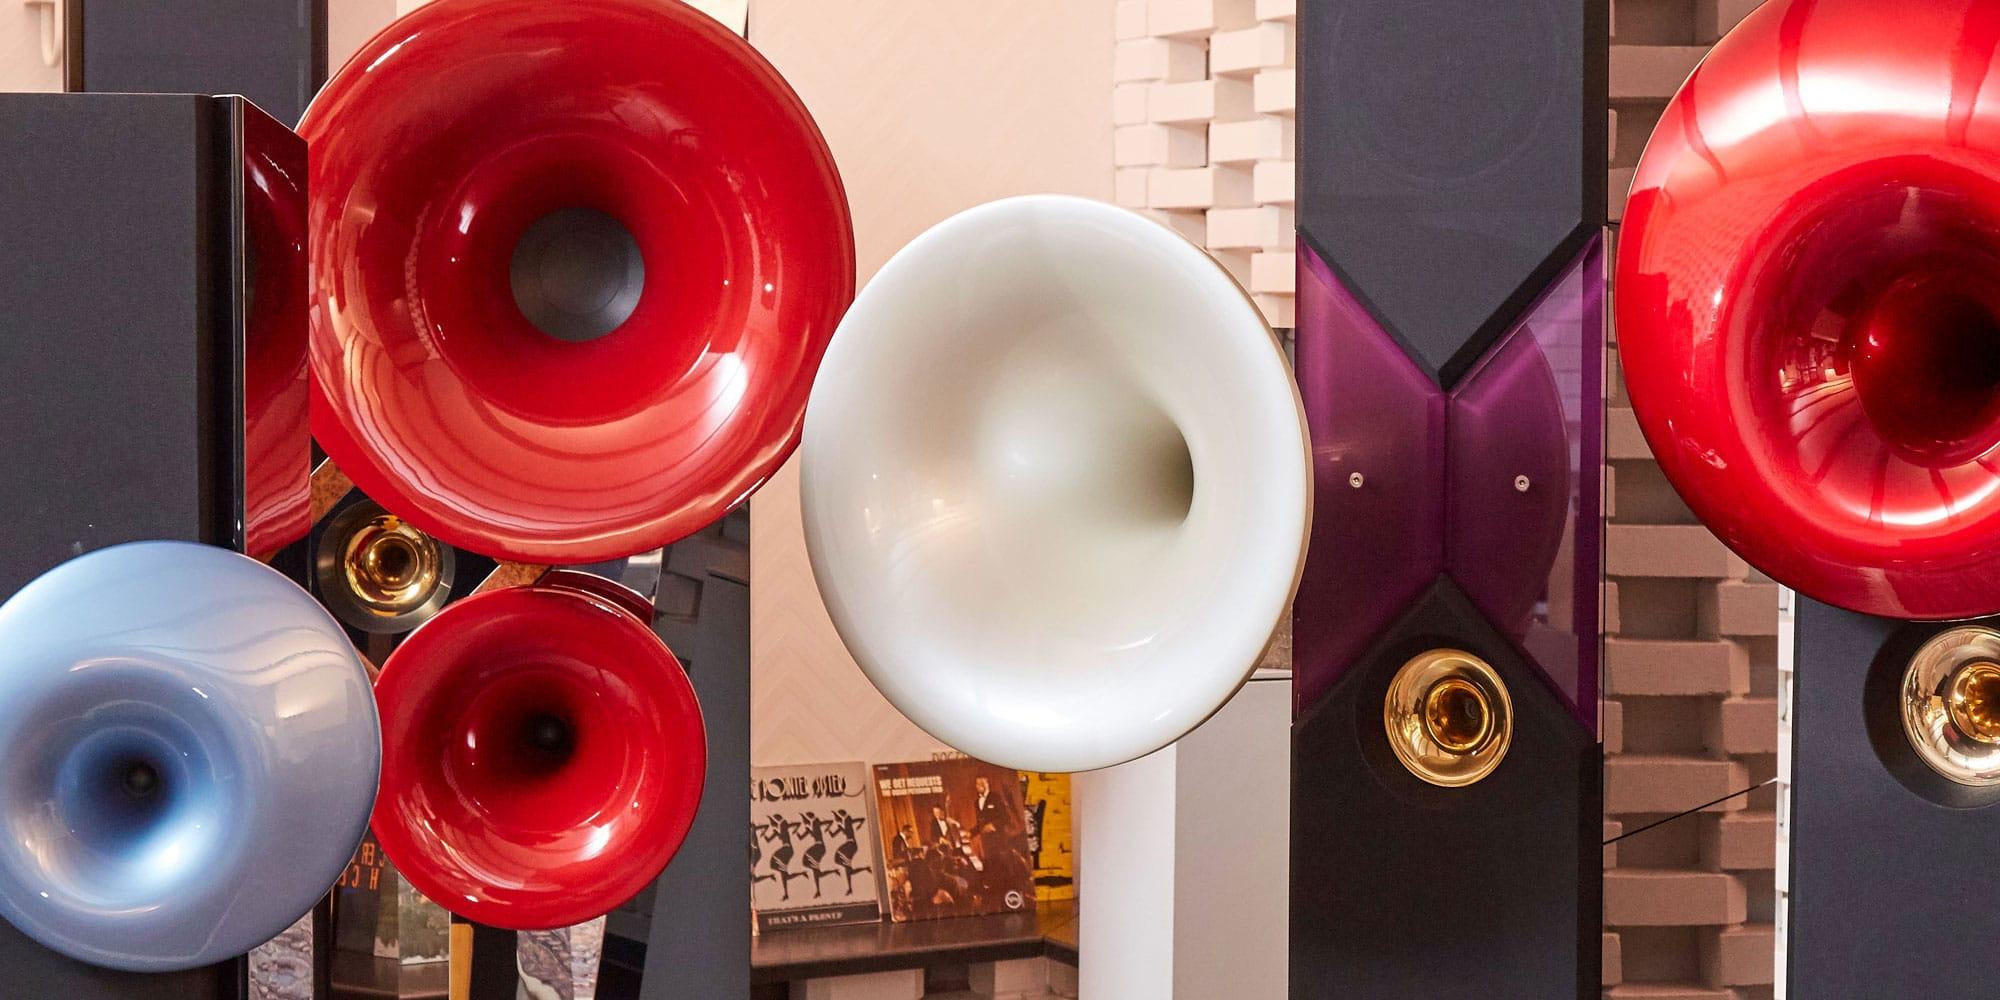 Bildergebnis für Acapella Audio Parts